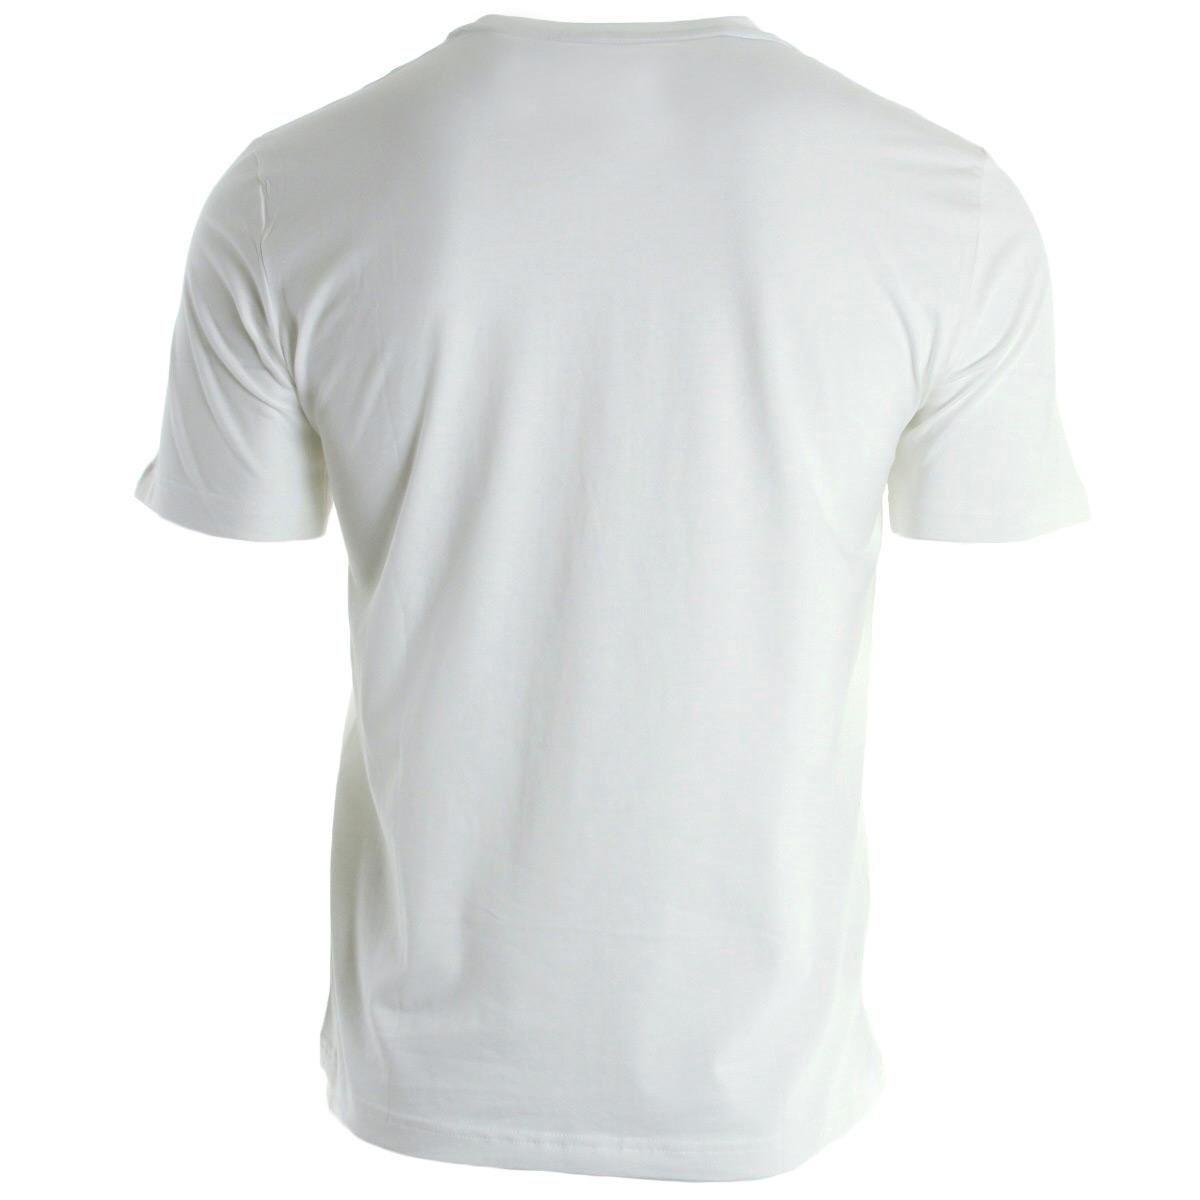 Puma Hero Tee White 83830002, T-Shirts homme